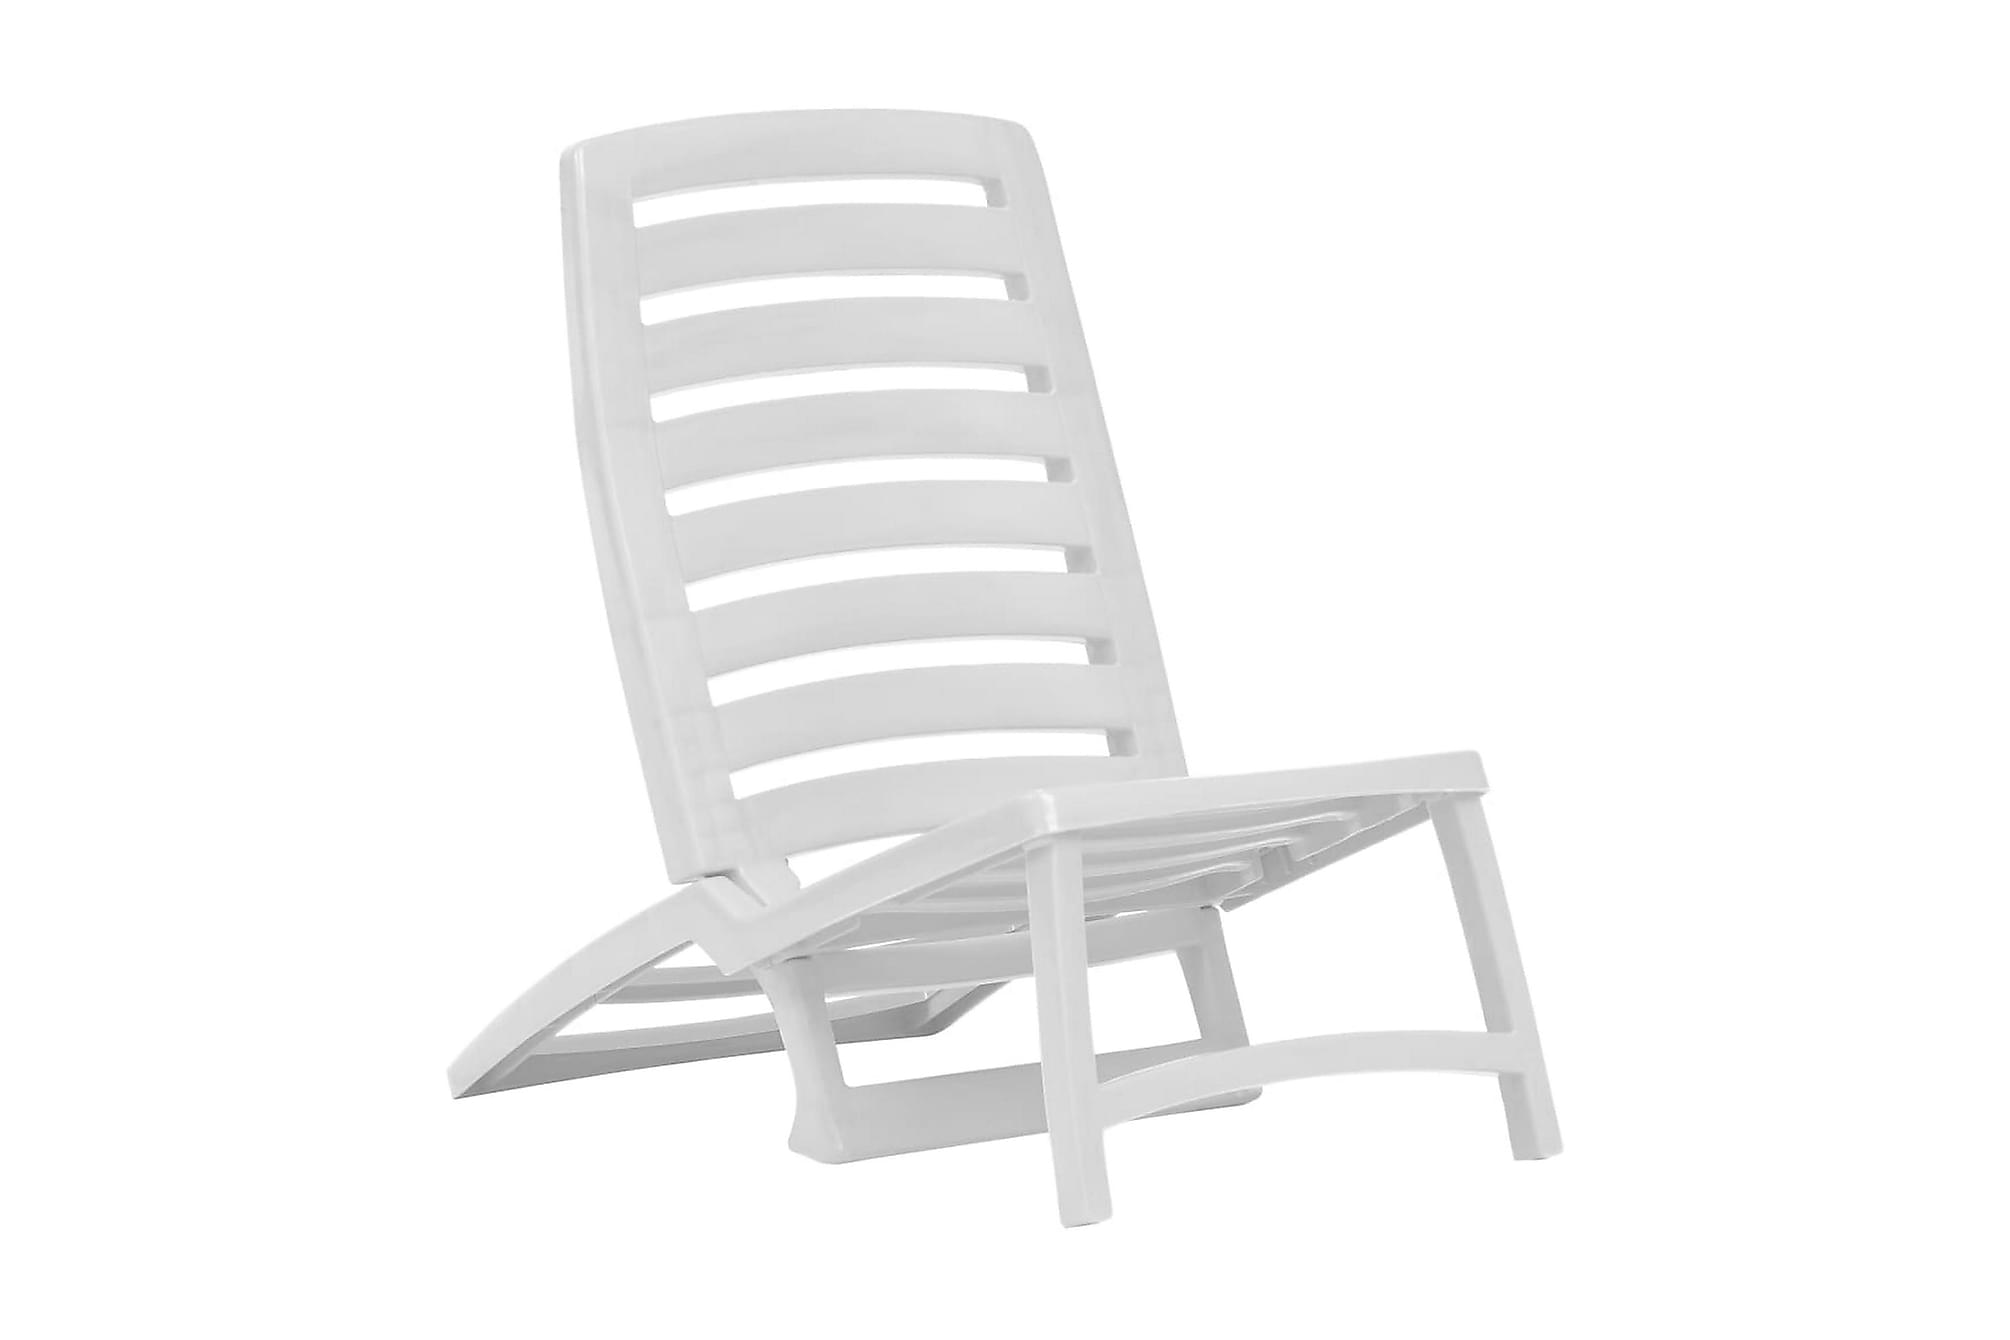 Hopfällbara strandstolar för barn 4 st plast vit, Campingstol